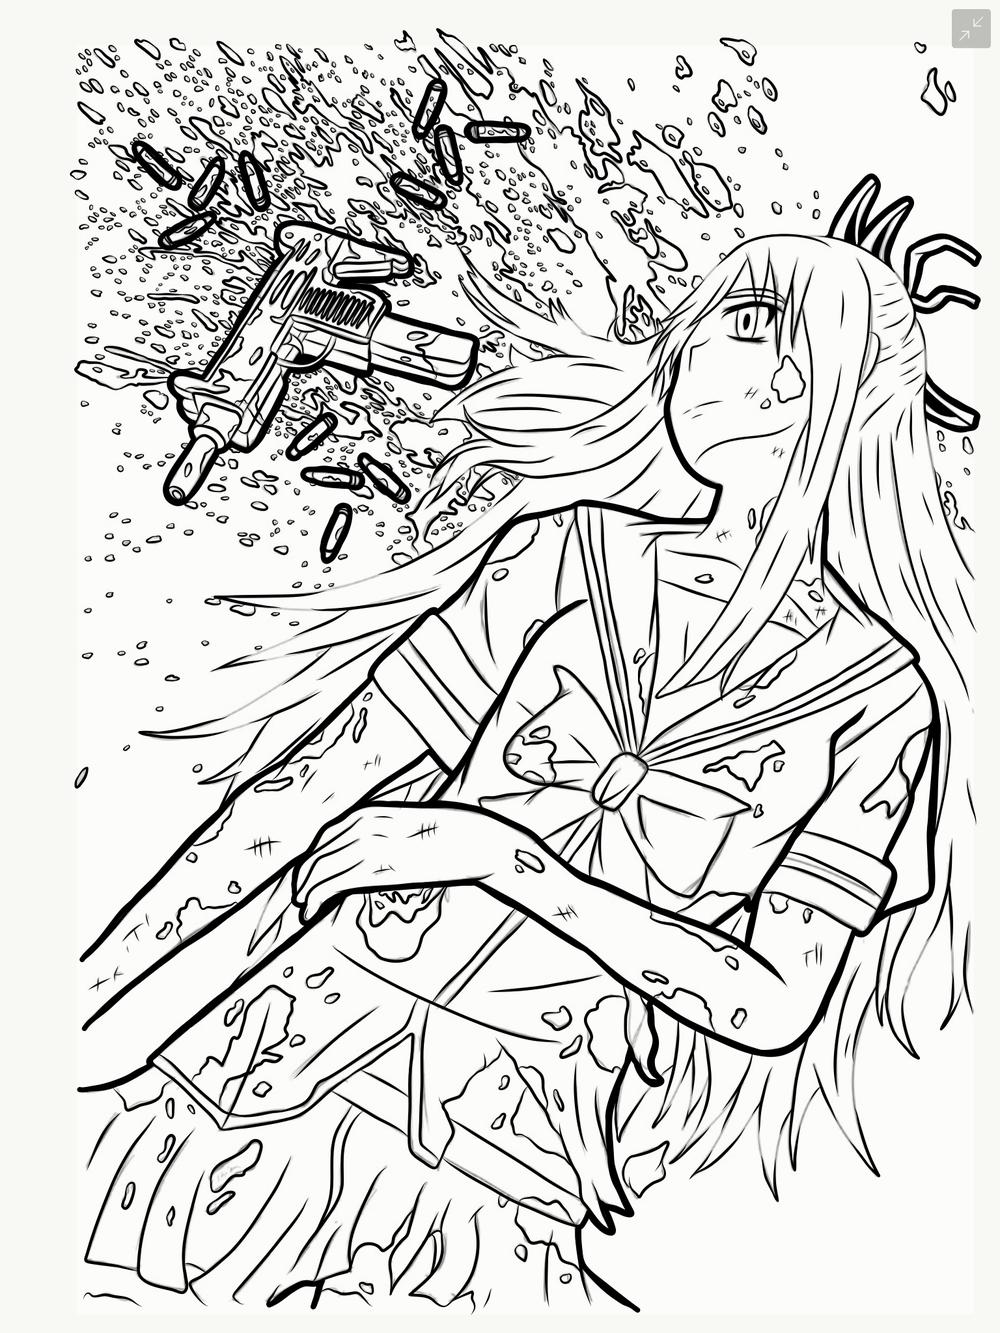 corpse-princess-pop-art-process-image-2.png